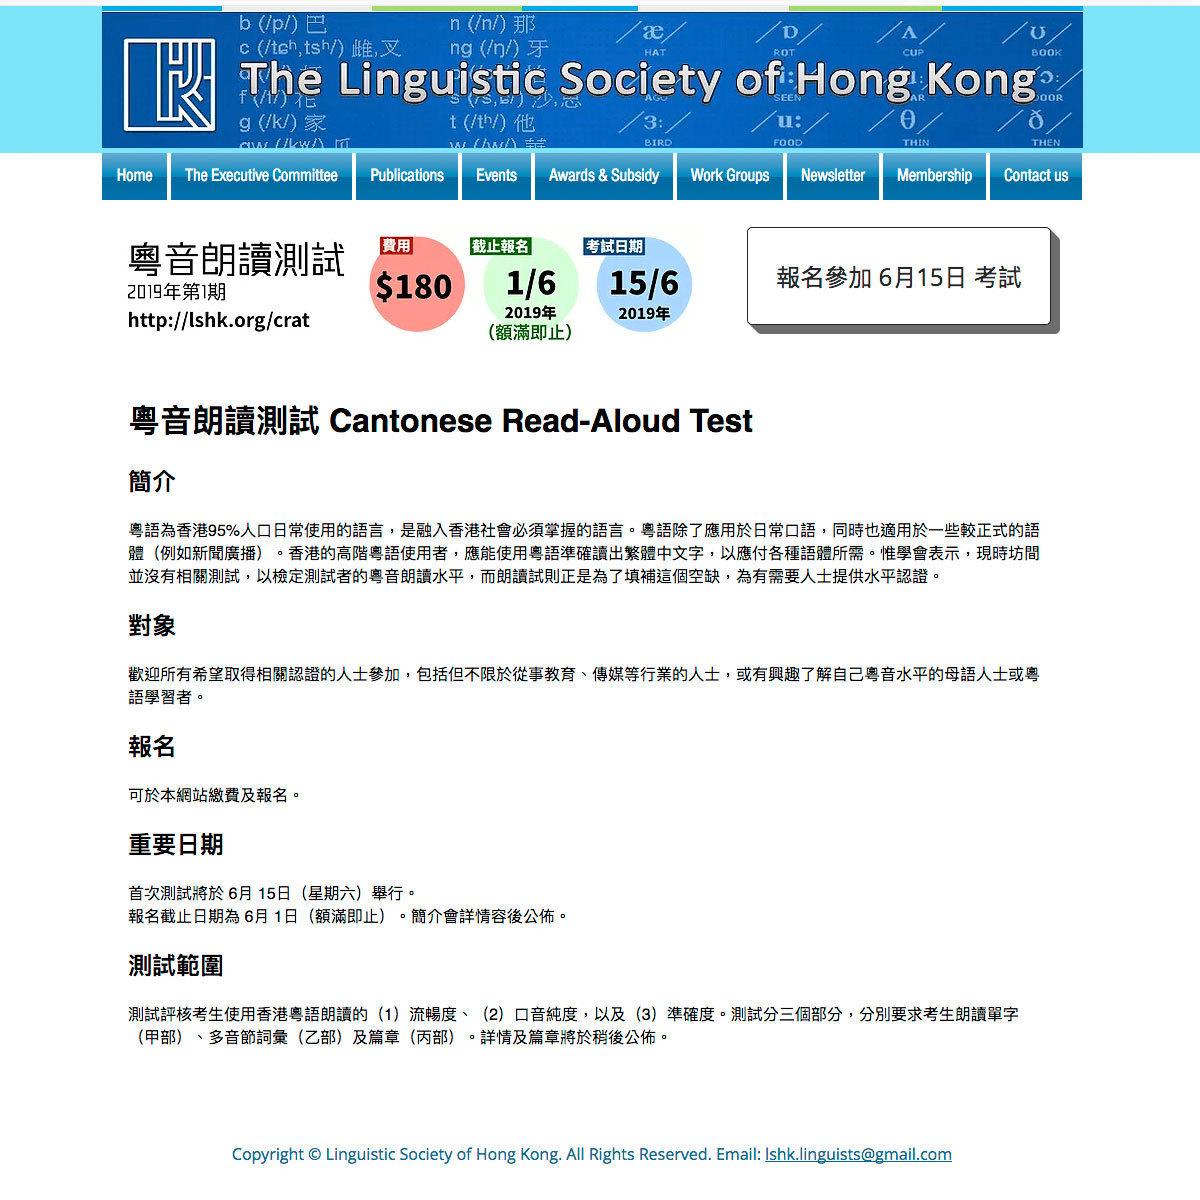 香港語言學學會「粵音朗讀測試」網上發佈的詳情。(網頁擷圖)